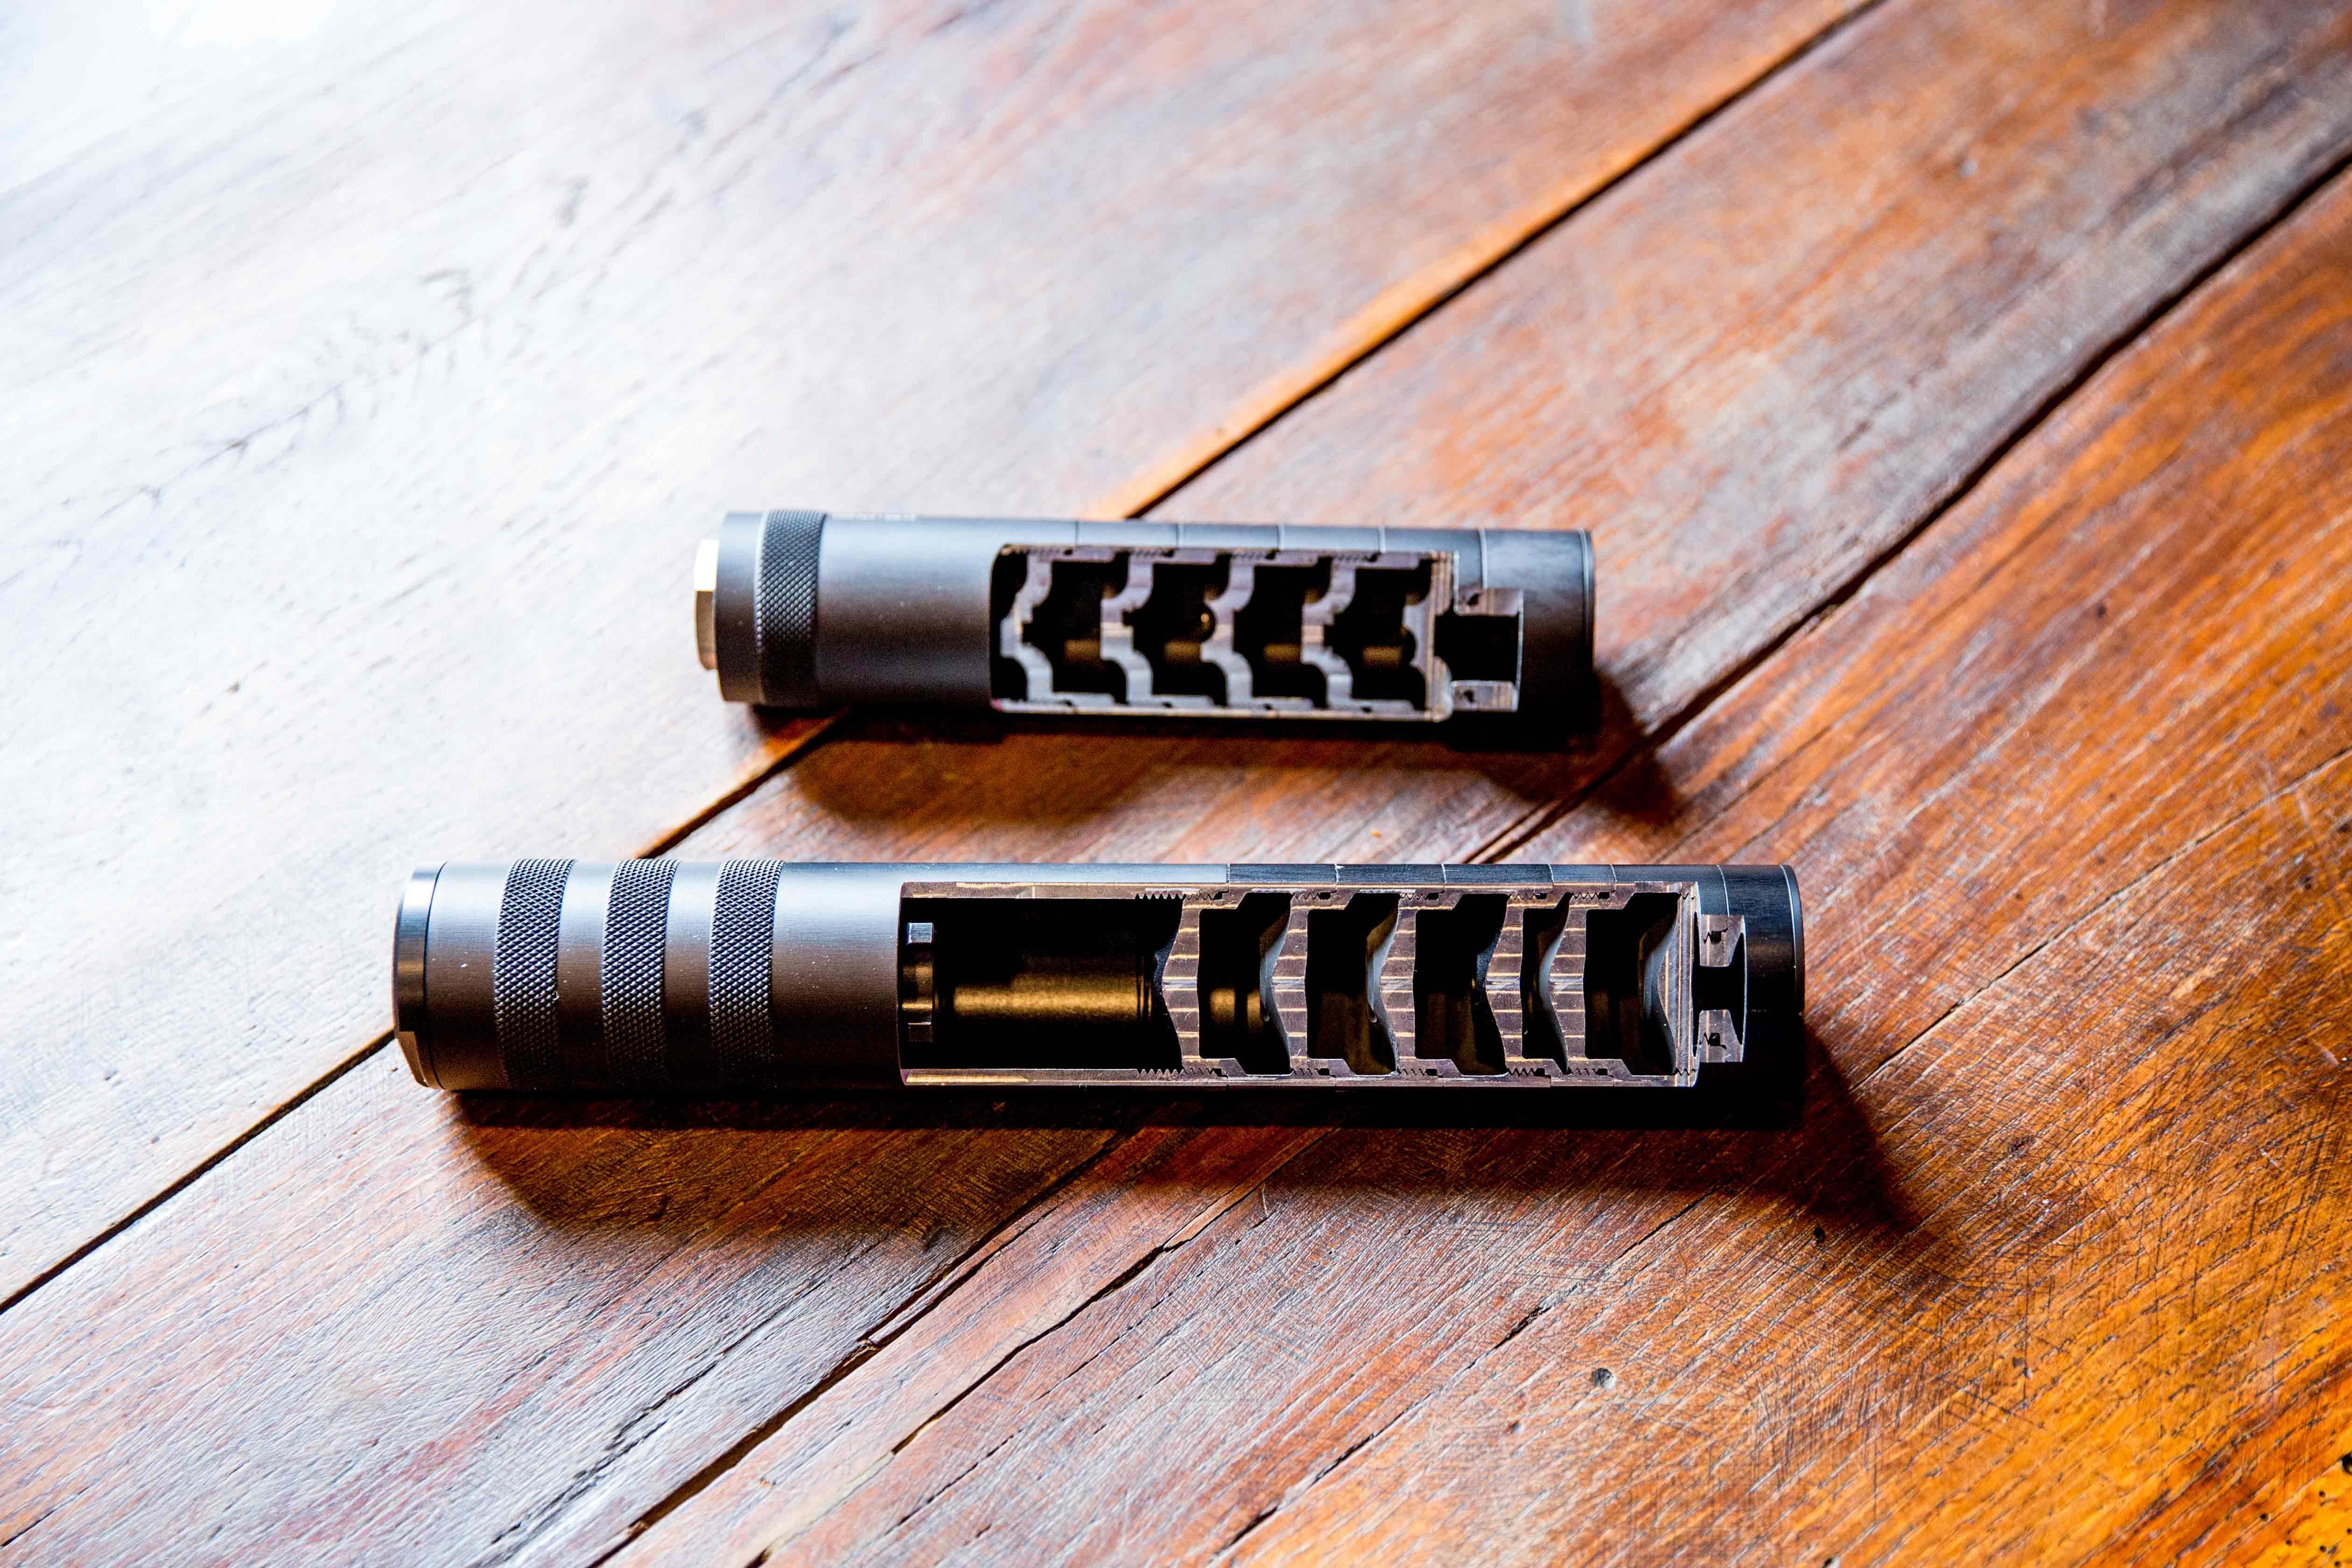 Das Bundesinnenministerium will das Waffengesetz überarbeiten. Schalldämpfer sollen so einheitlich in allen Bundesländern für Jäger erlaubt sein.